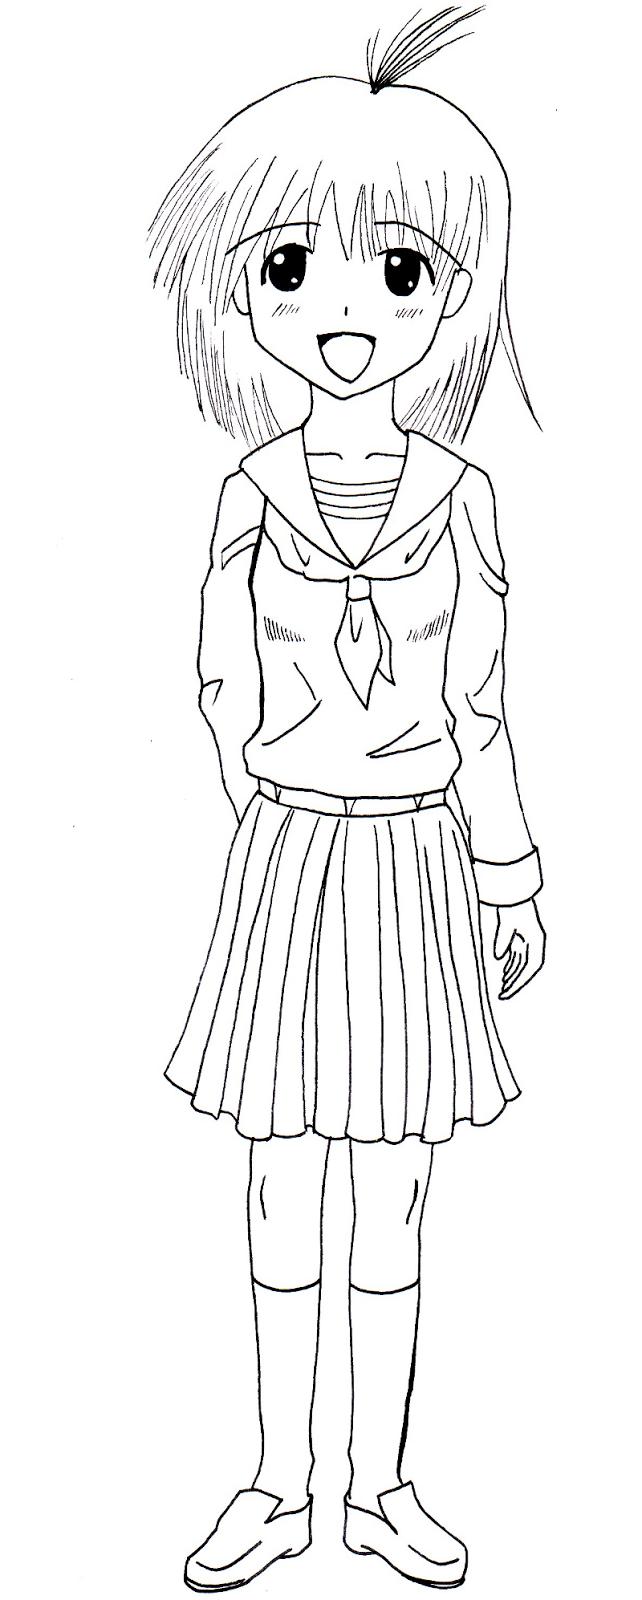 Uniforms school uniforme scolaire dessin - Fille manga a dessiner ...